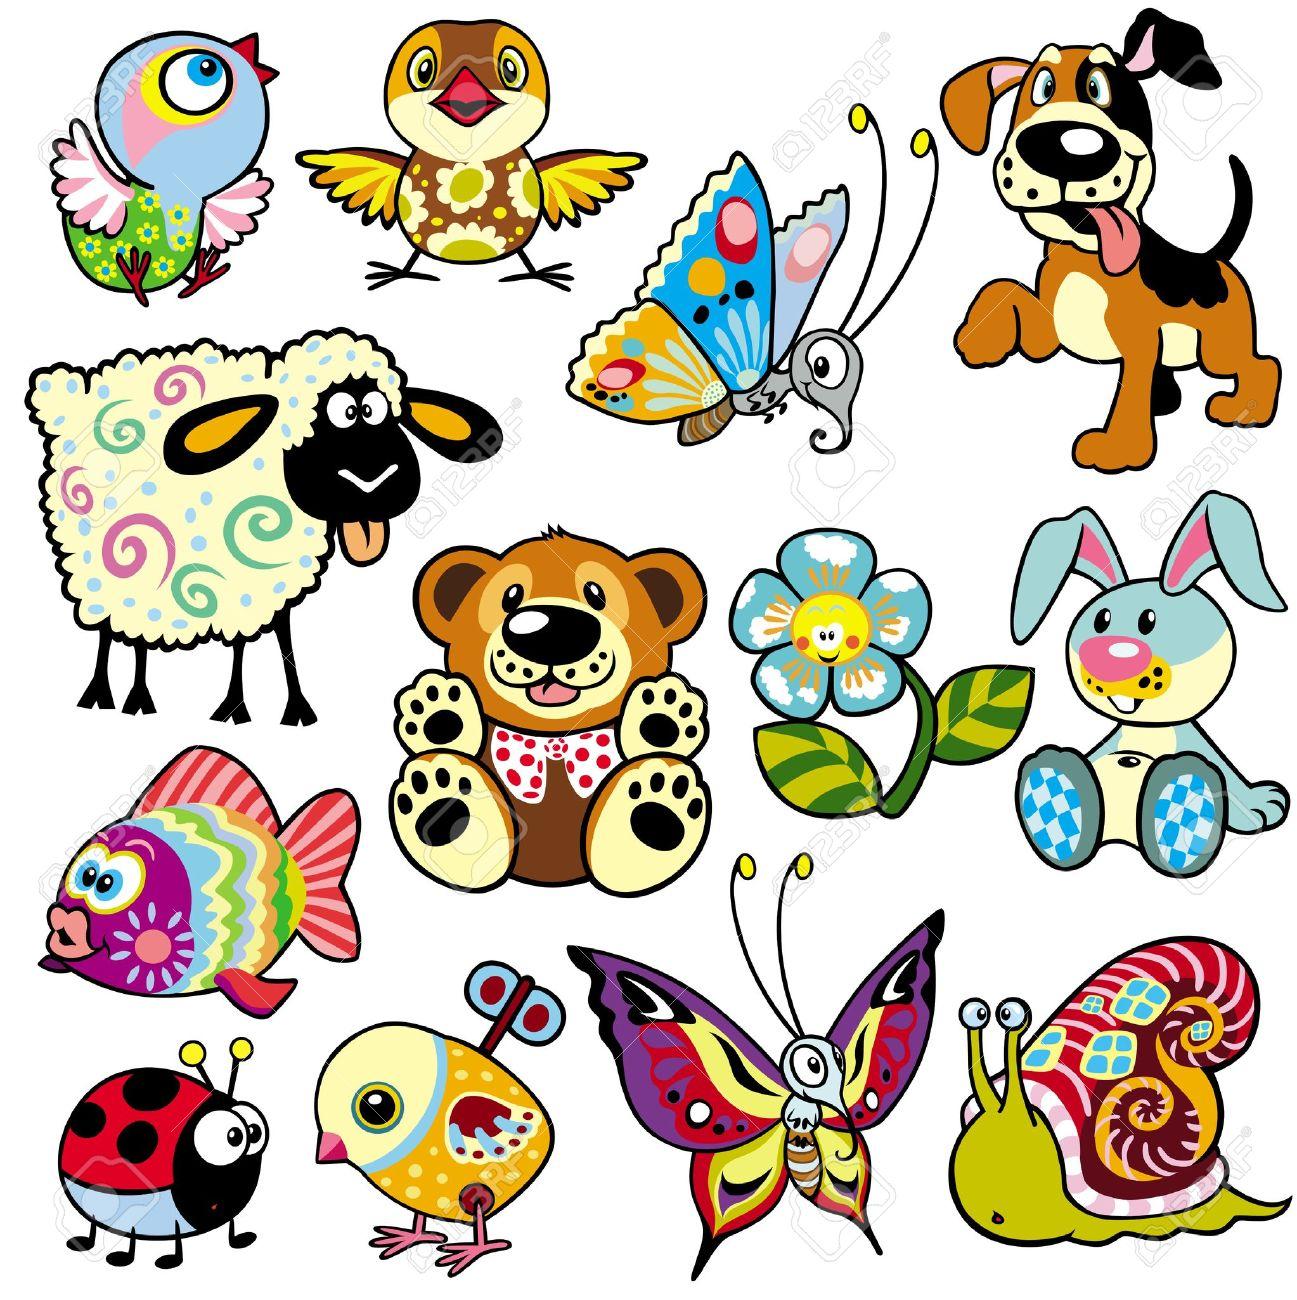 Großzügig Malvorlagen Von Comic Tieren Fotos - Druckbare Malvorlagen ...